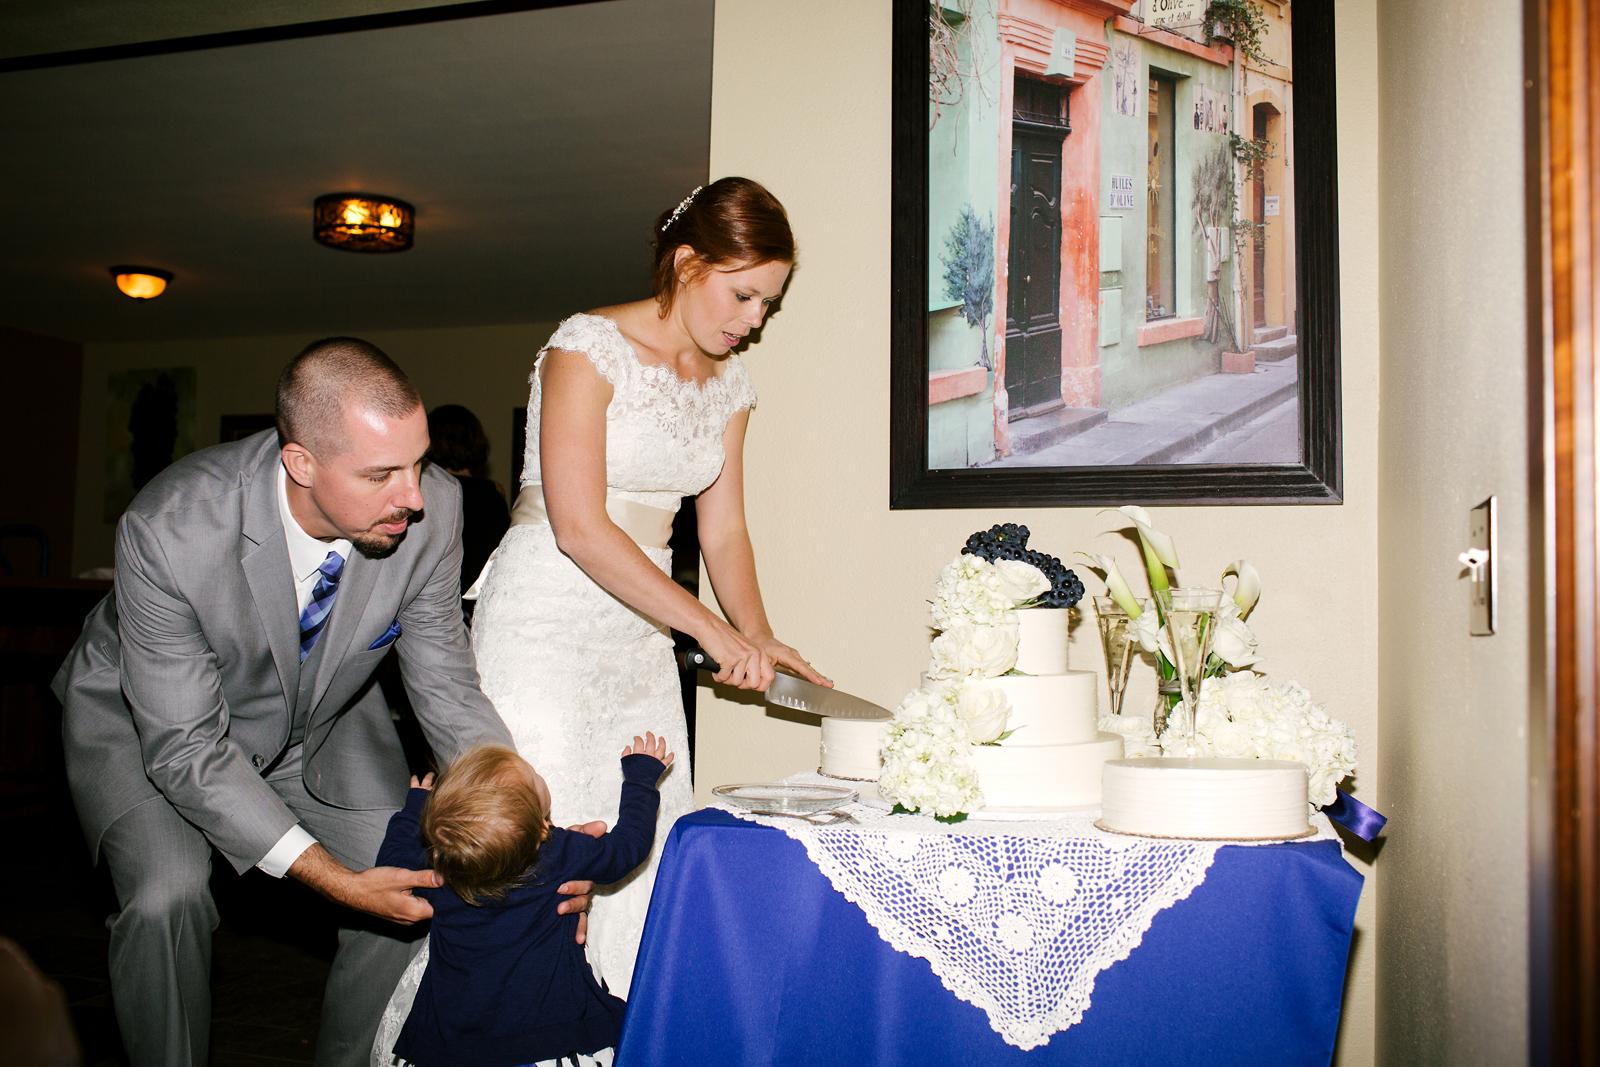 078-daronjackson-rich-wedding.jpg